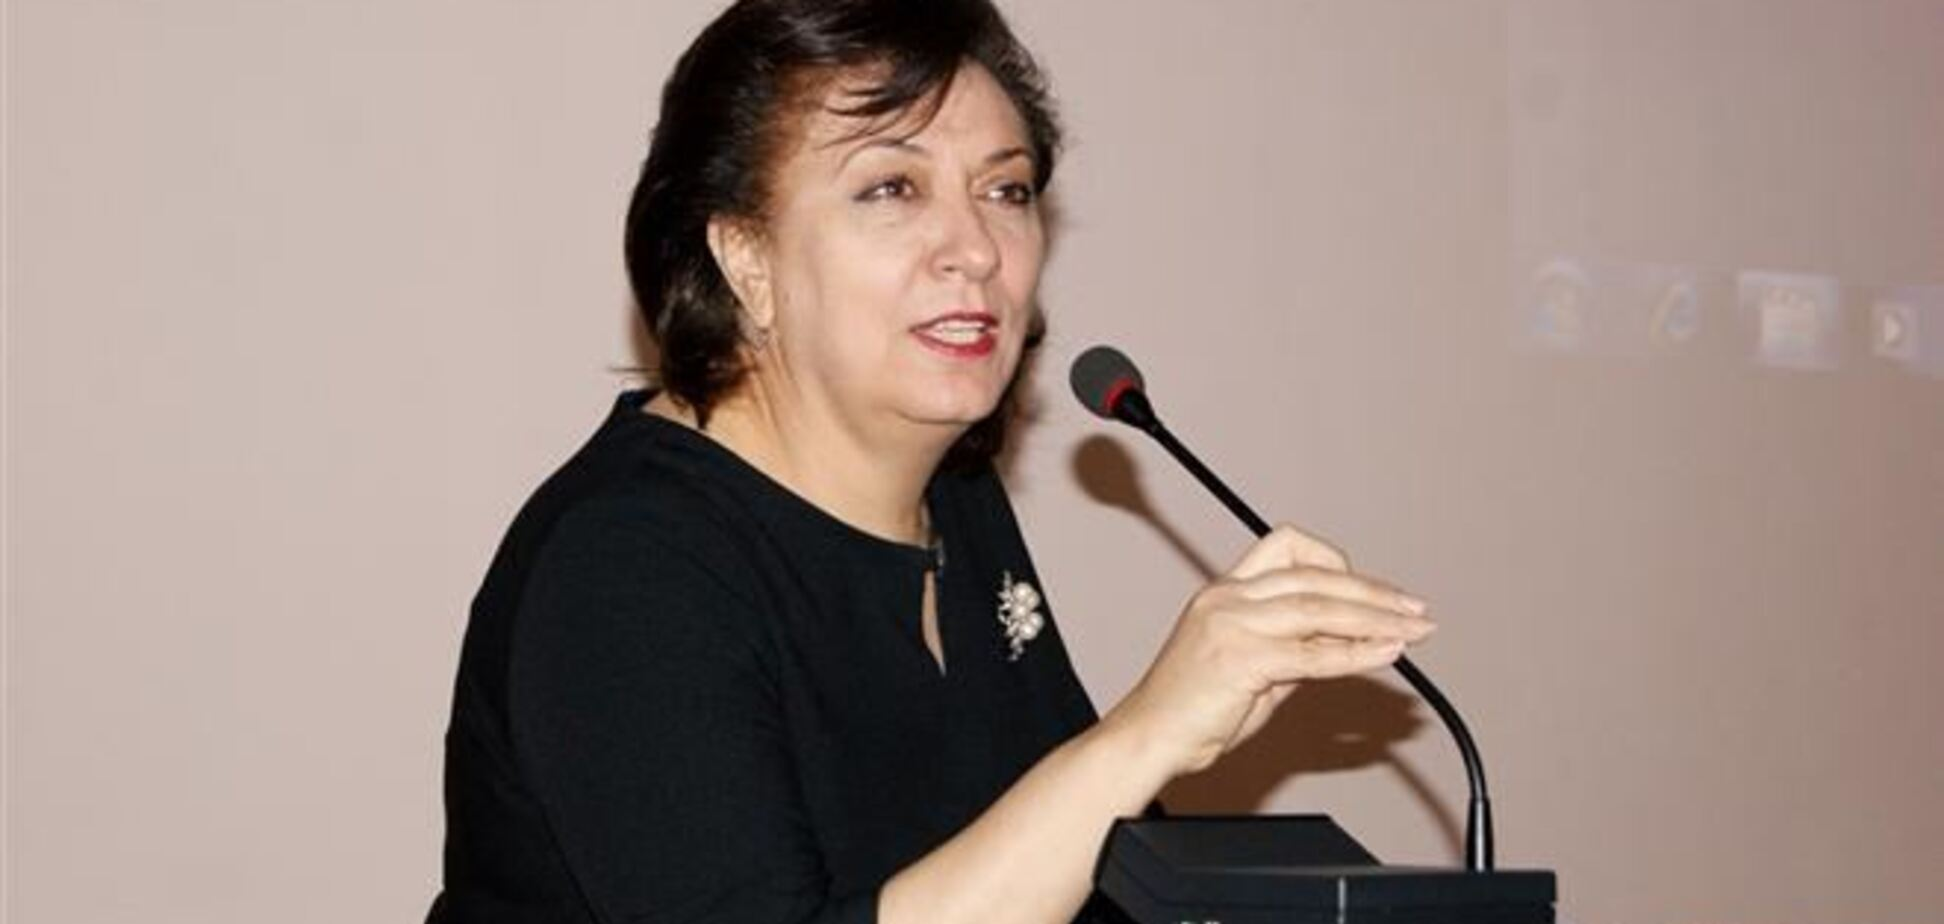 Міністр діаспори Вірменії: семимільйонного діаспора вірмен підтримує тісні зв'язки з батьківщиною